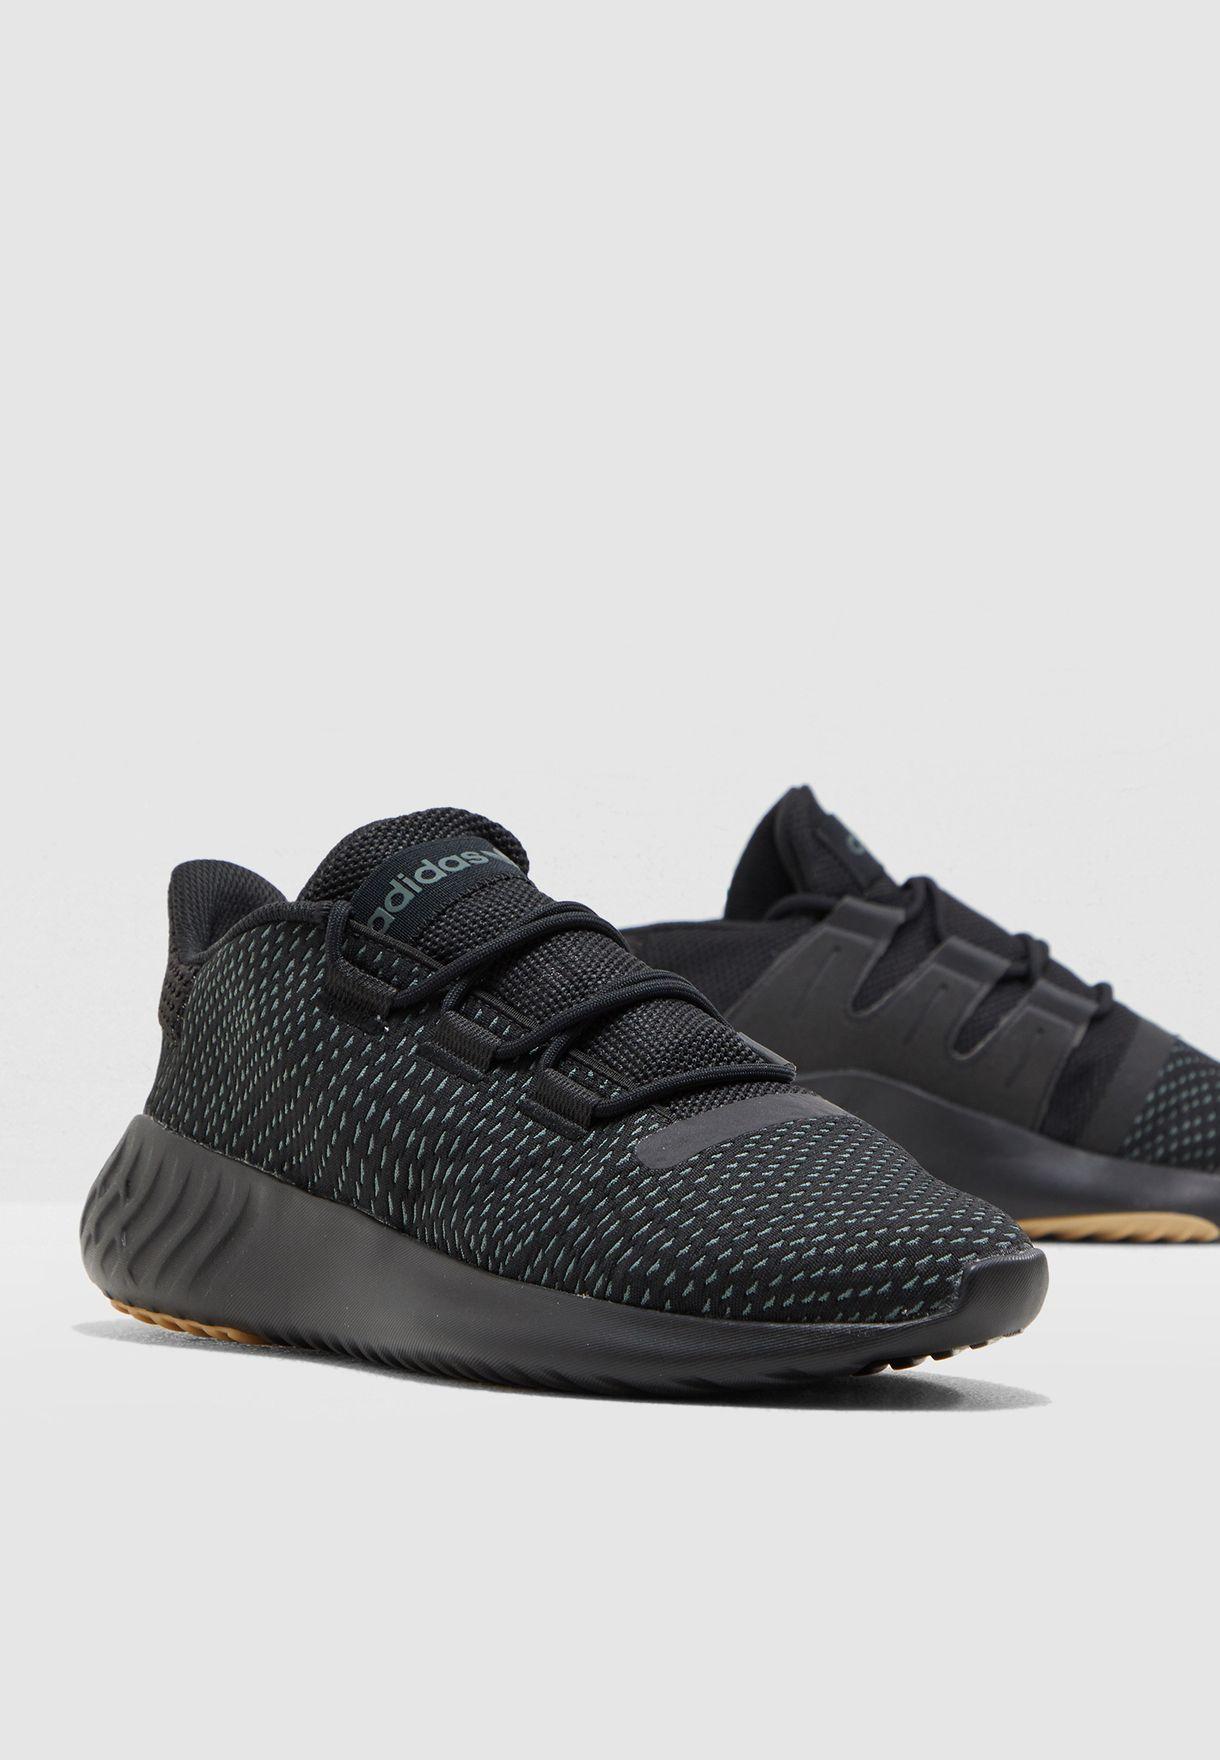 Adidas Tubular Dusk Black Outlet Shop, UP TO 58% OFF